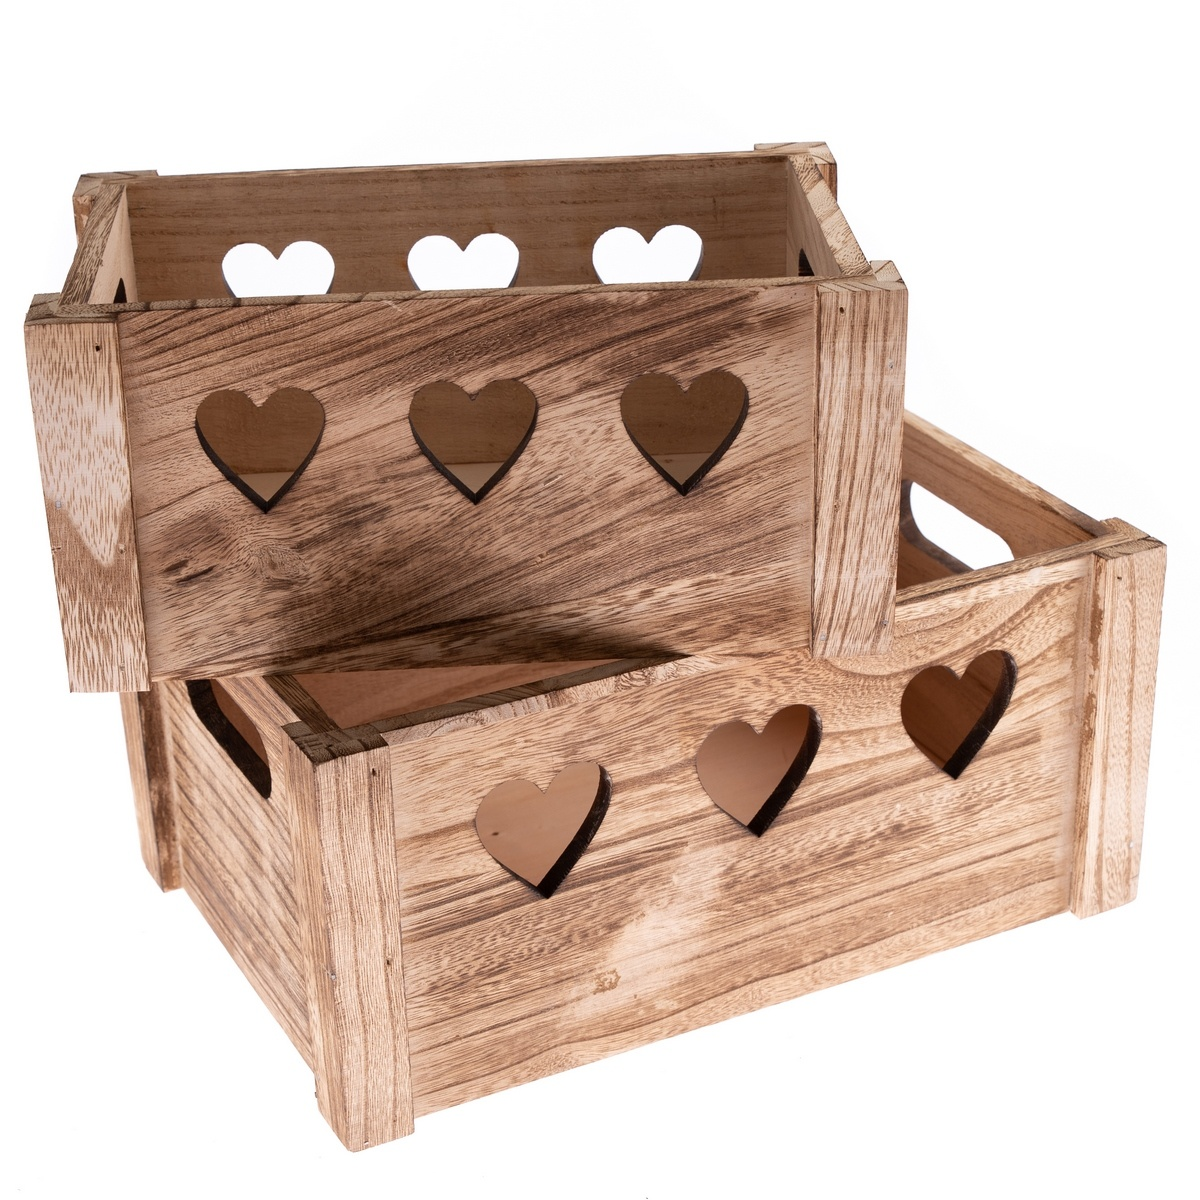 Sada dekoračních dřevěných bedýnek Hearts 2 ks, přírodní